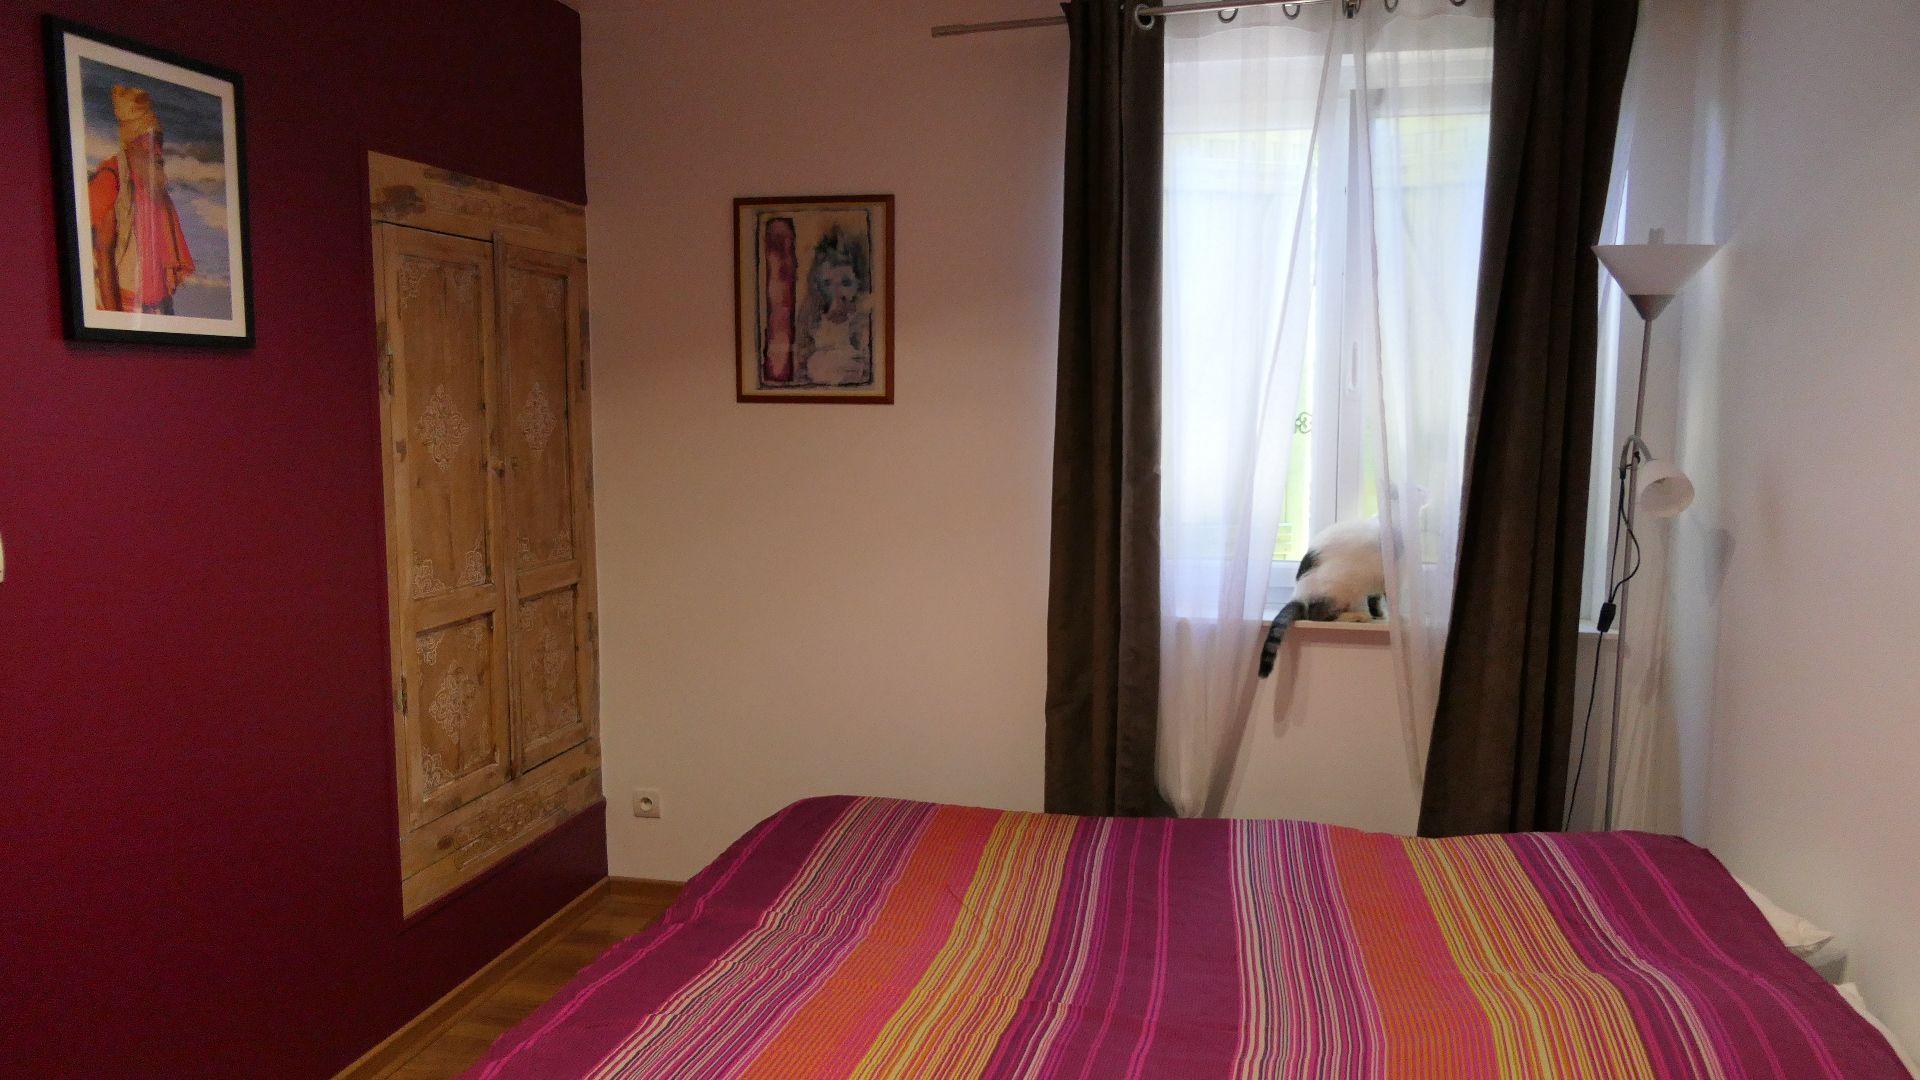 Chambre-Colocation Vinon-sur-Verdon ETUDIANT & Location Chambre à louer Vinon-sur-Verdon ETUDIANT | Loue chambre meublée Vinon-sur-Verdon ETUDIANT | Logement Vinon-sur-Verdon ETUDIANT